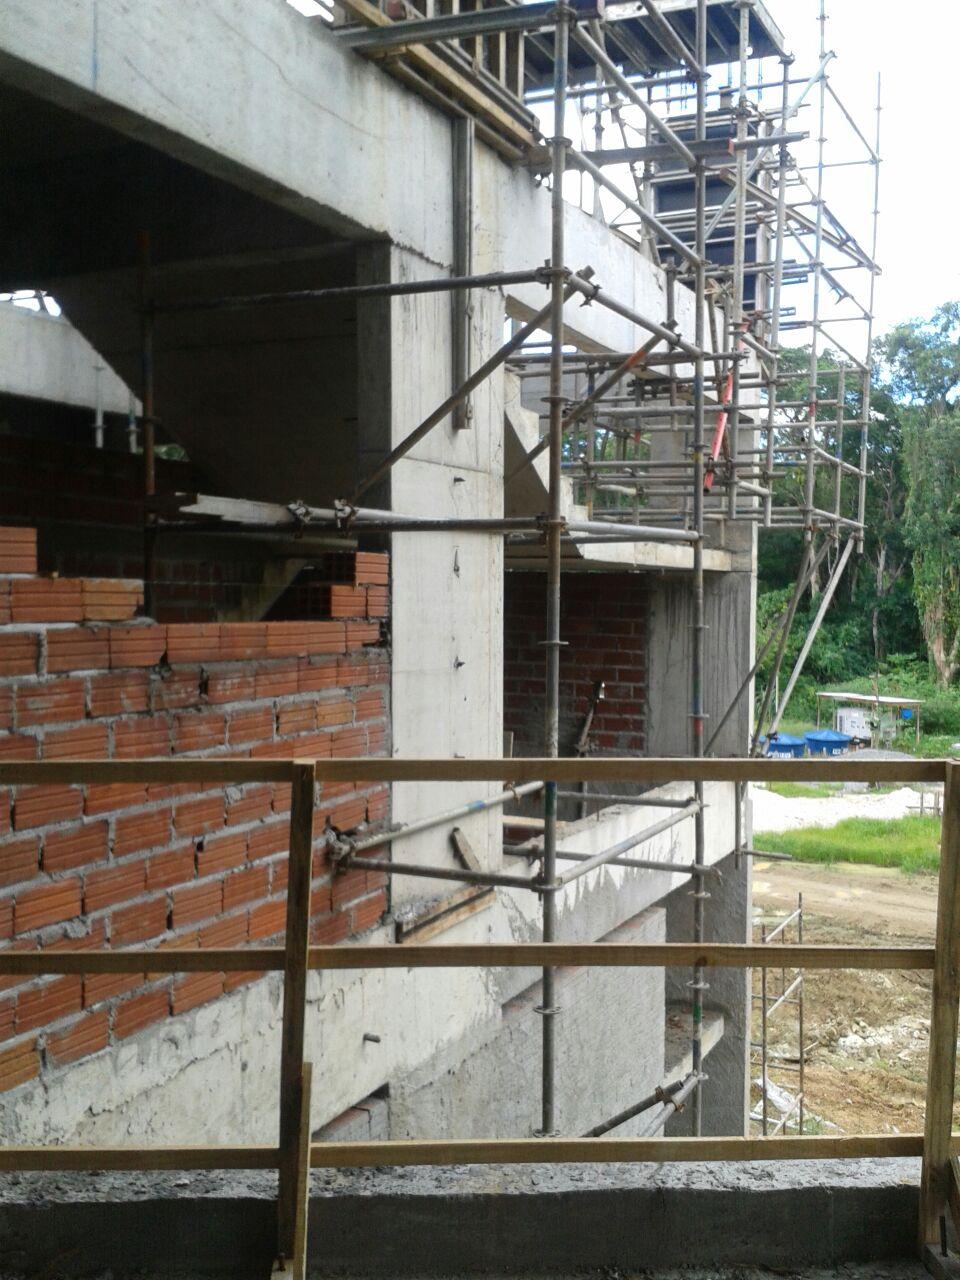 vista do espaço das escadas, que recebeu paredes de tijolos junto à estrutura de concreto